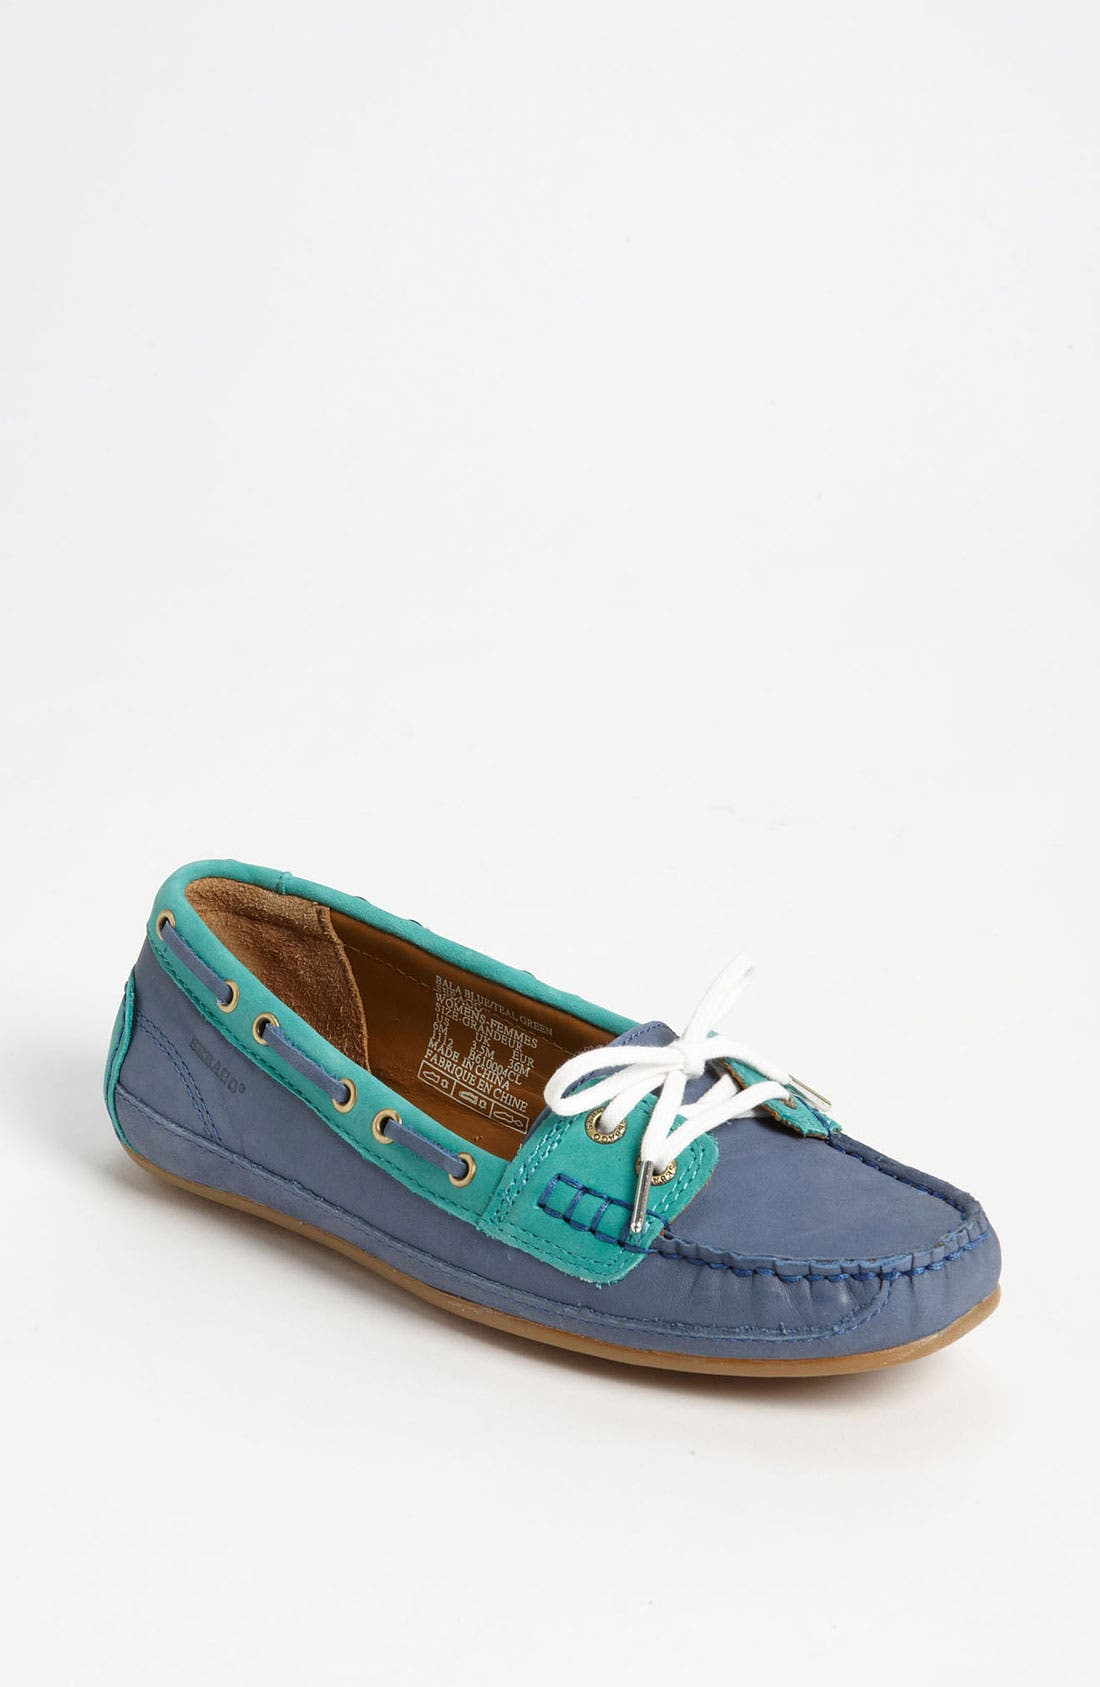 Main Image - Sebago 'Bala' Boat Shoe